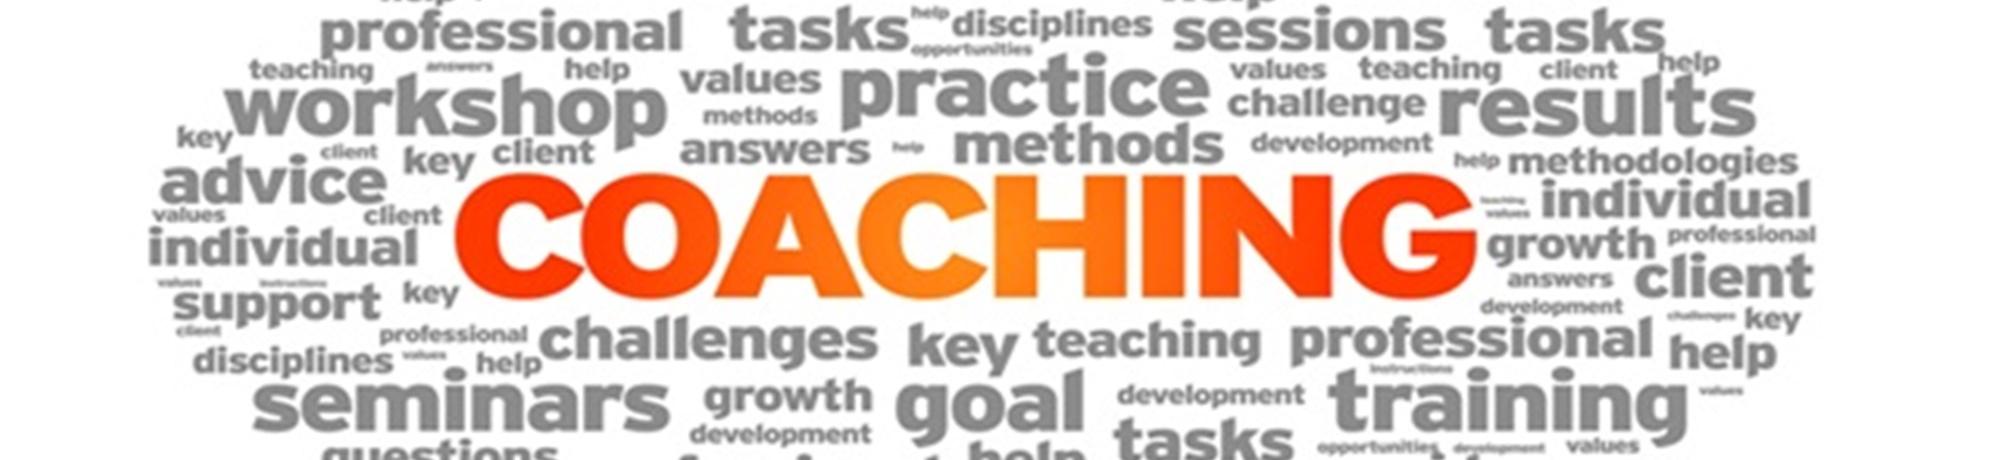 metodologia-coaching-dicas